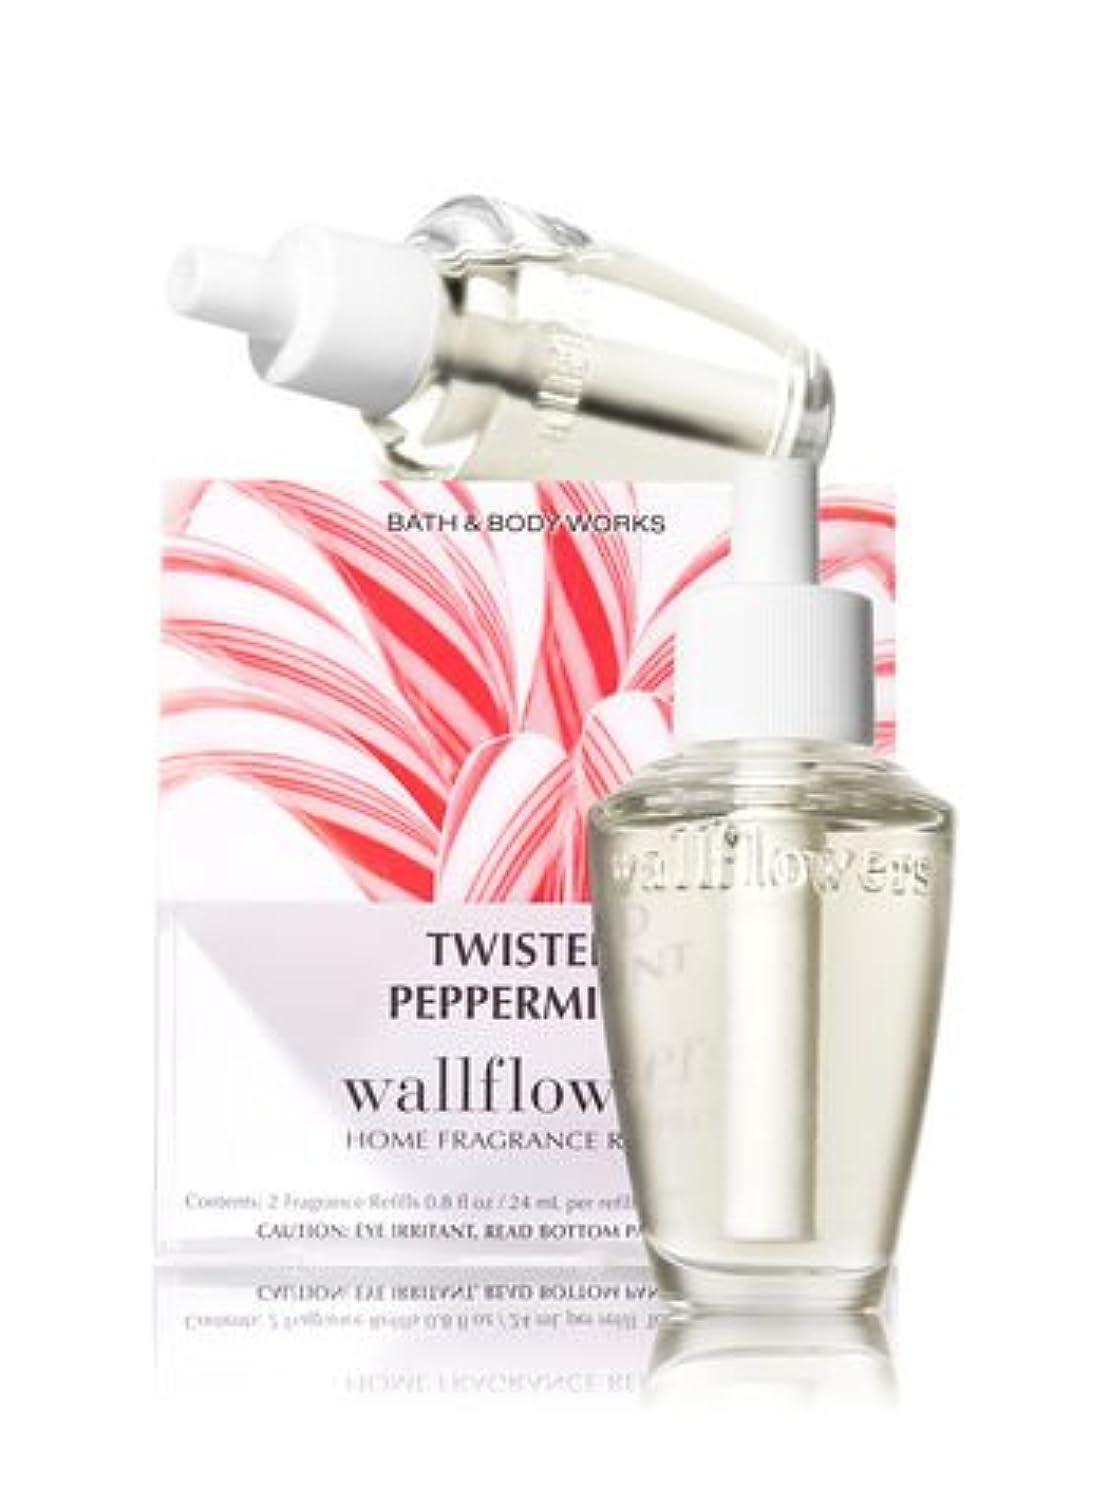 重要な役割を果たす、中心的な手段となる砂利修正【Bath&Body Works/バス&ボディワークス】 ルームフレグランス 詰替えリフィル(2個入り) ツイステッドペパーミント Wallflowers Home Fragrance 2-Pack Refills Twisted Peppermint [並行輸入品]